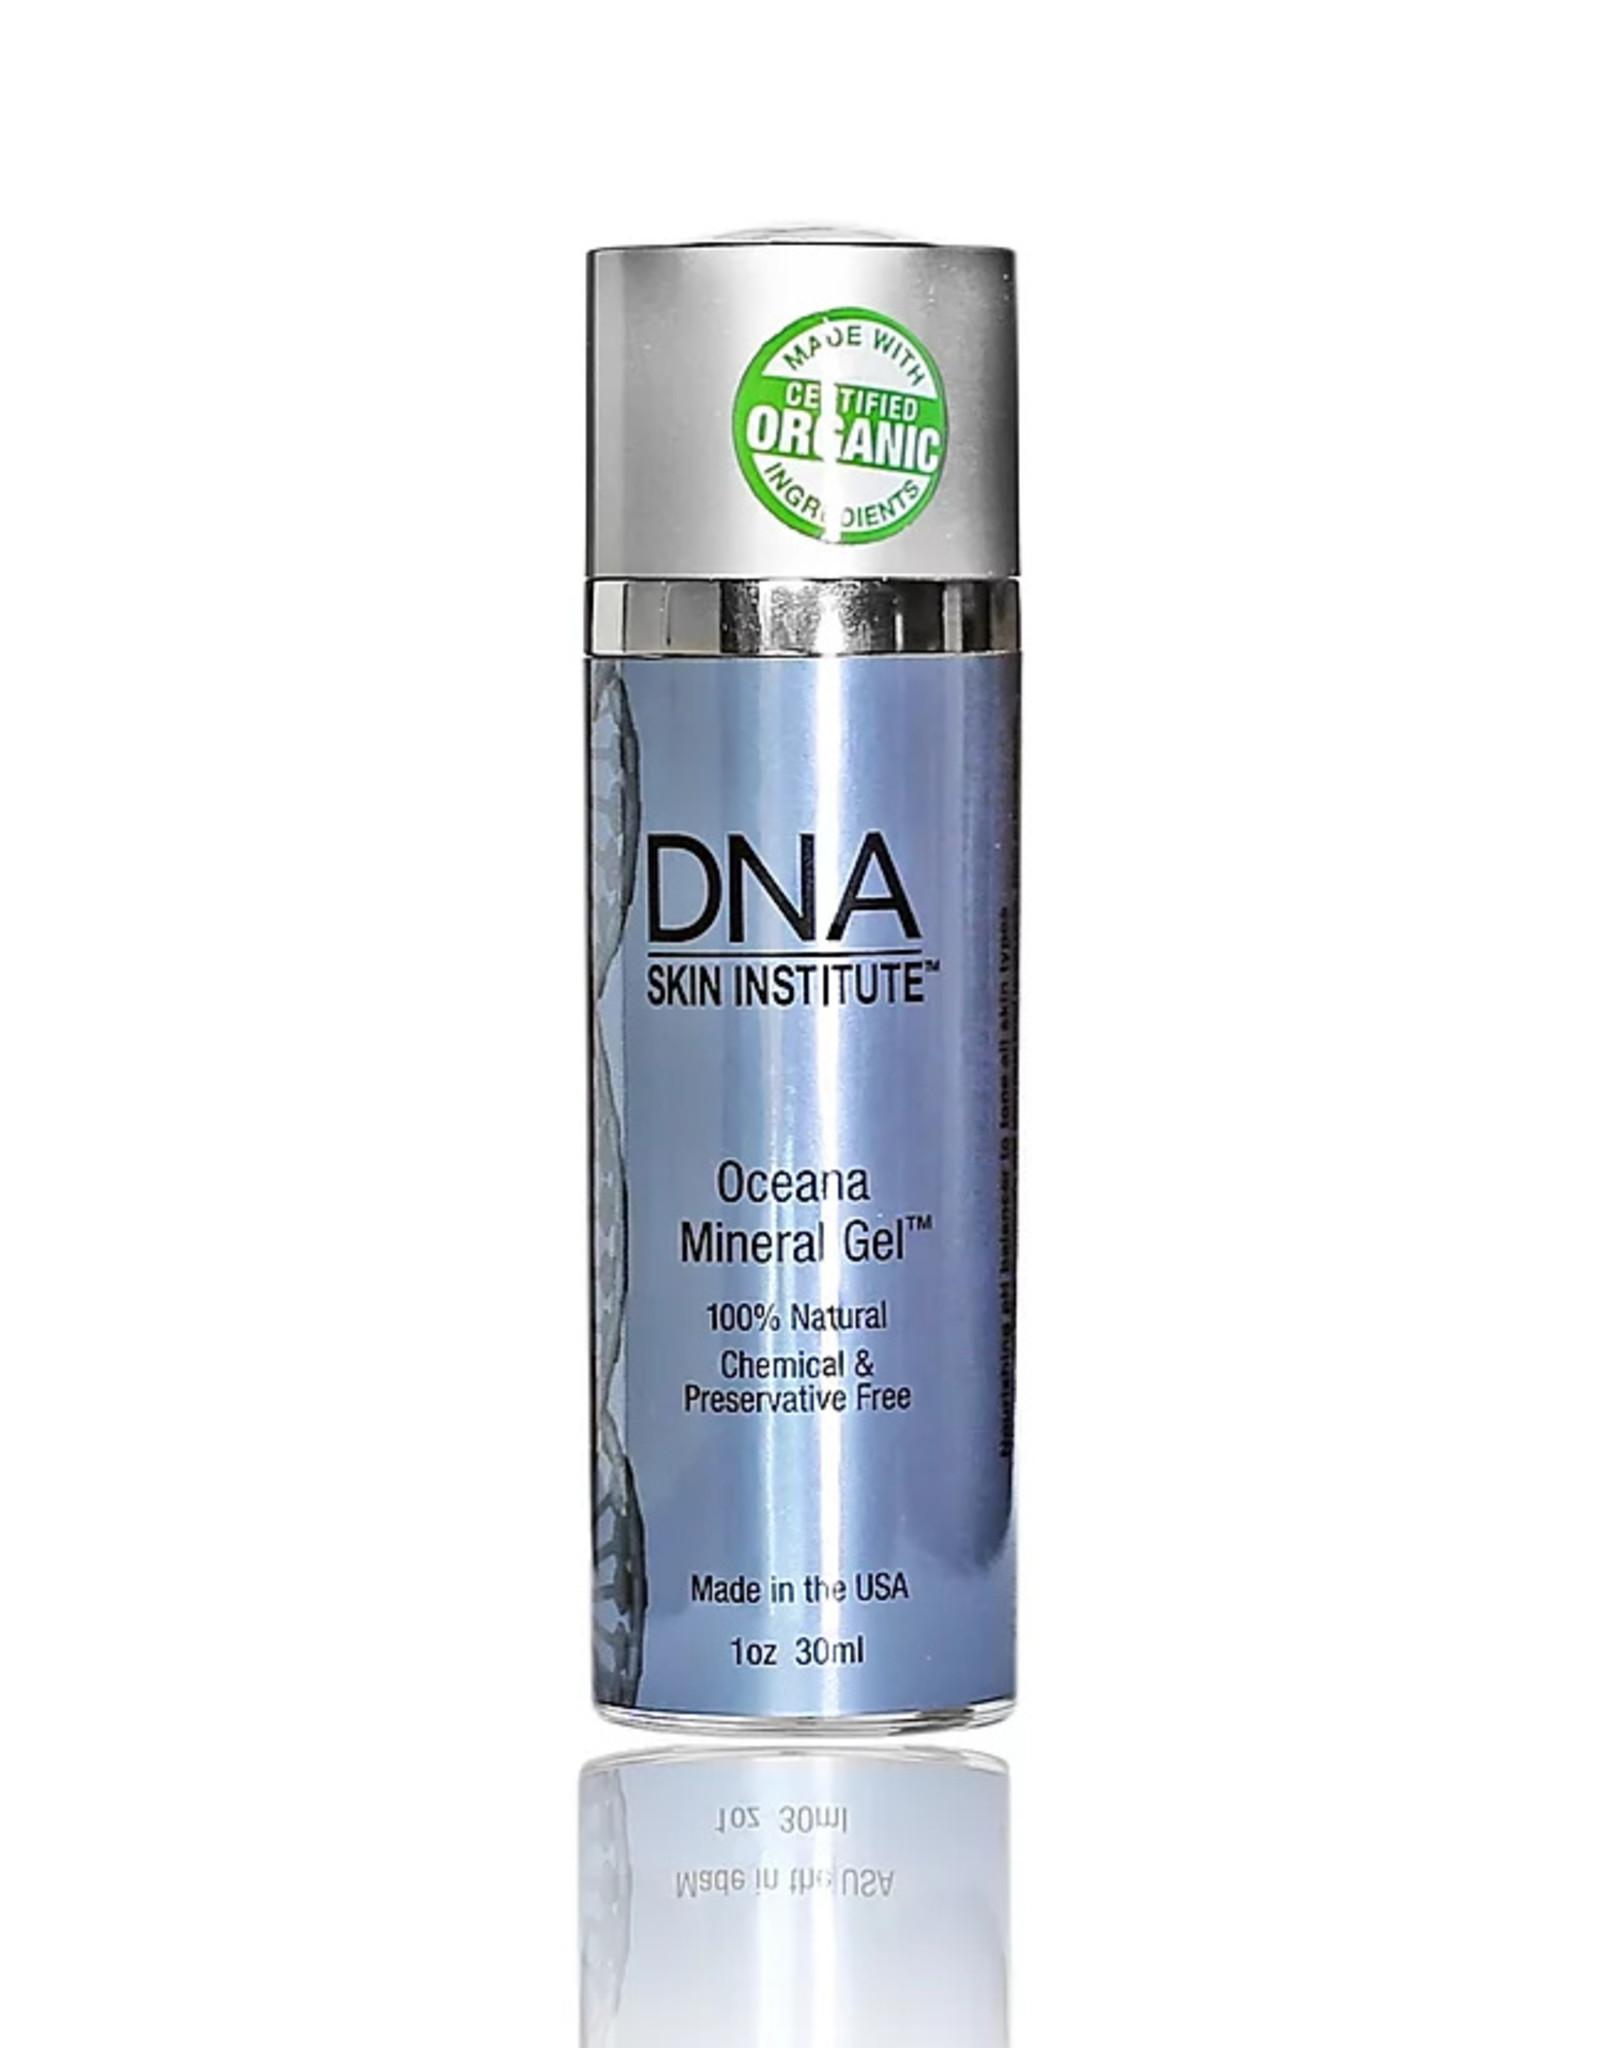 DNA Skin Institute Oceana Mineral Gel